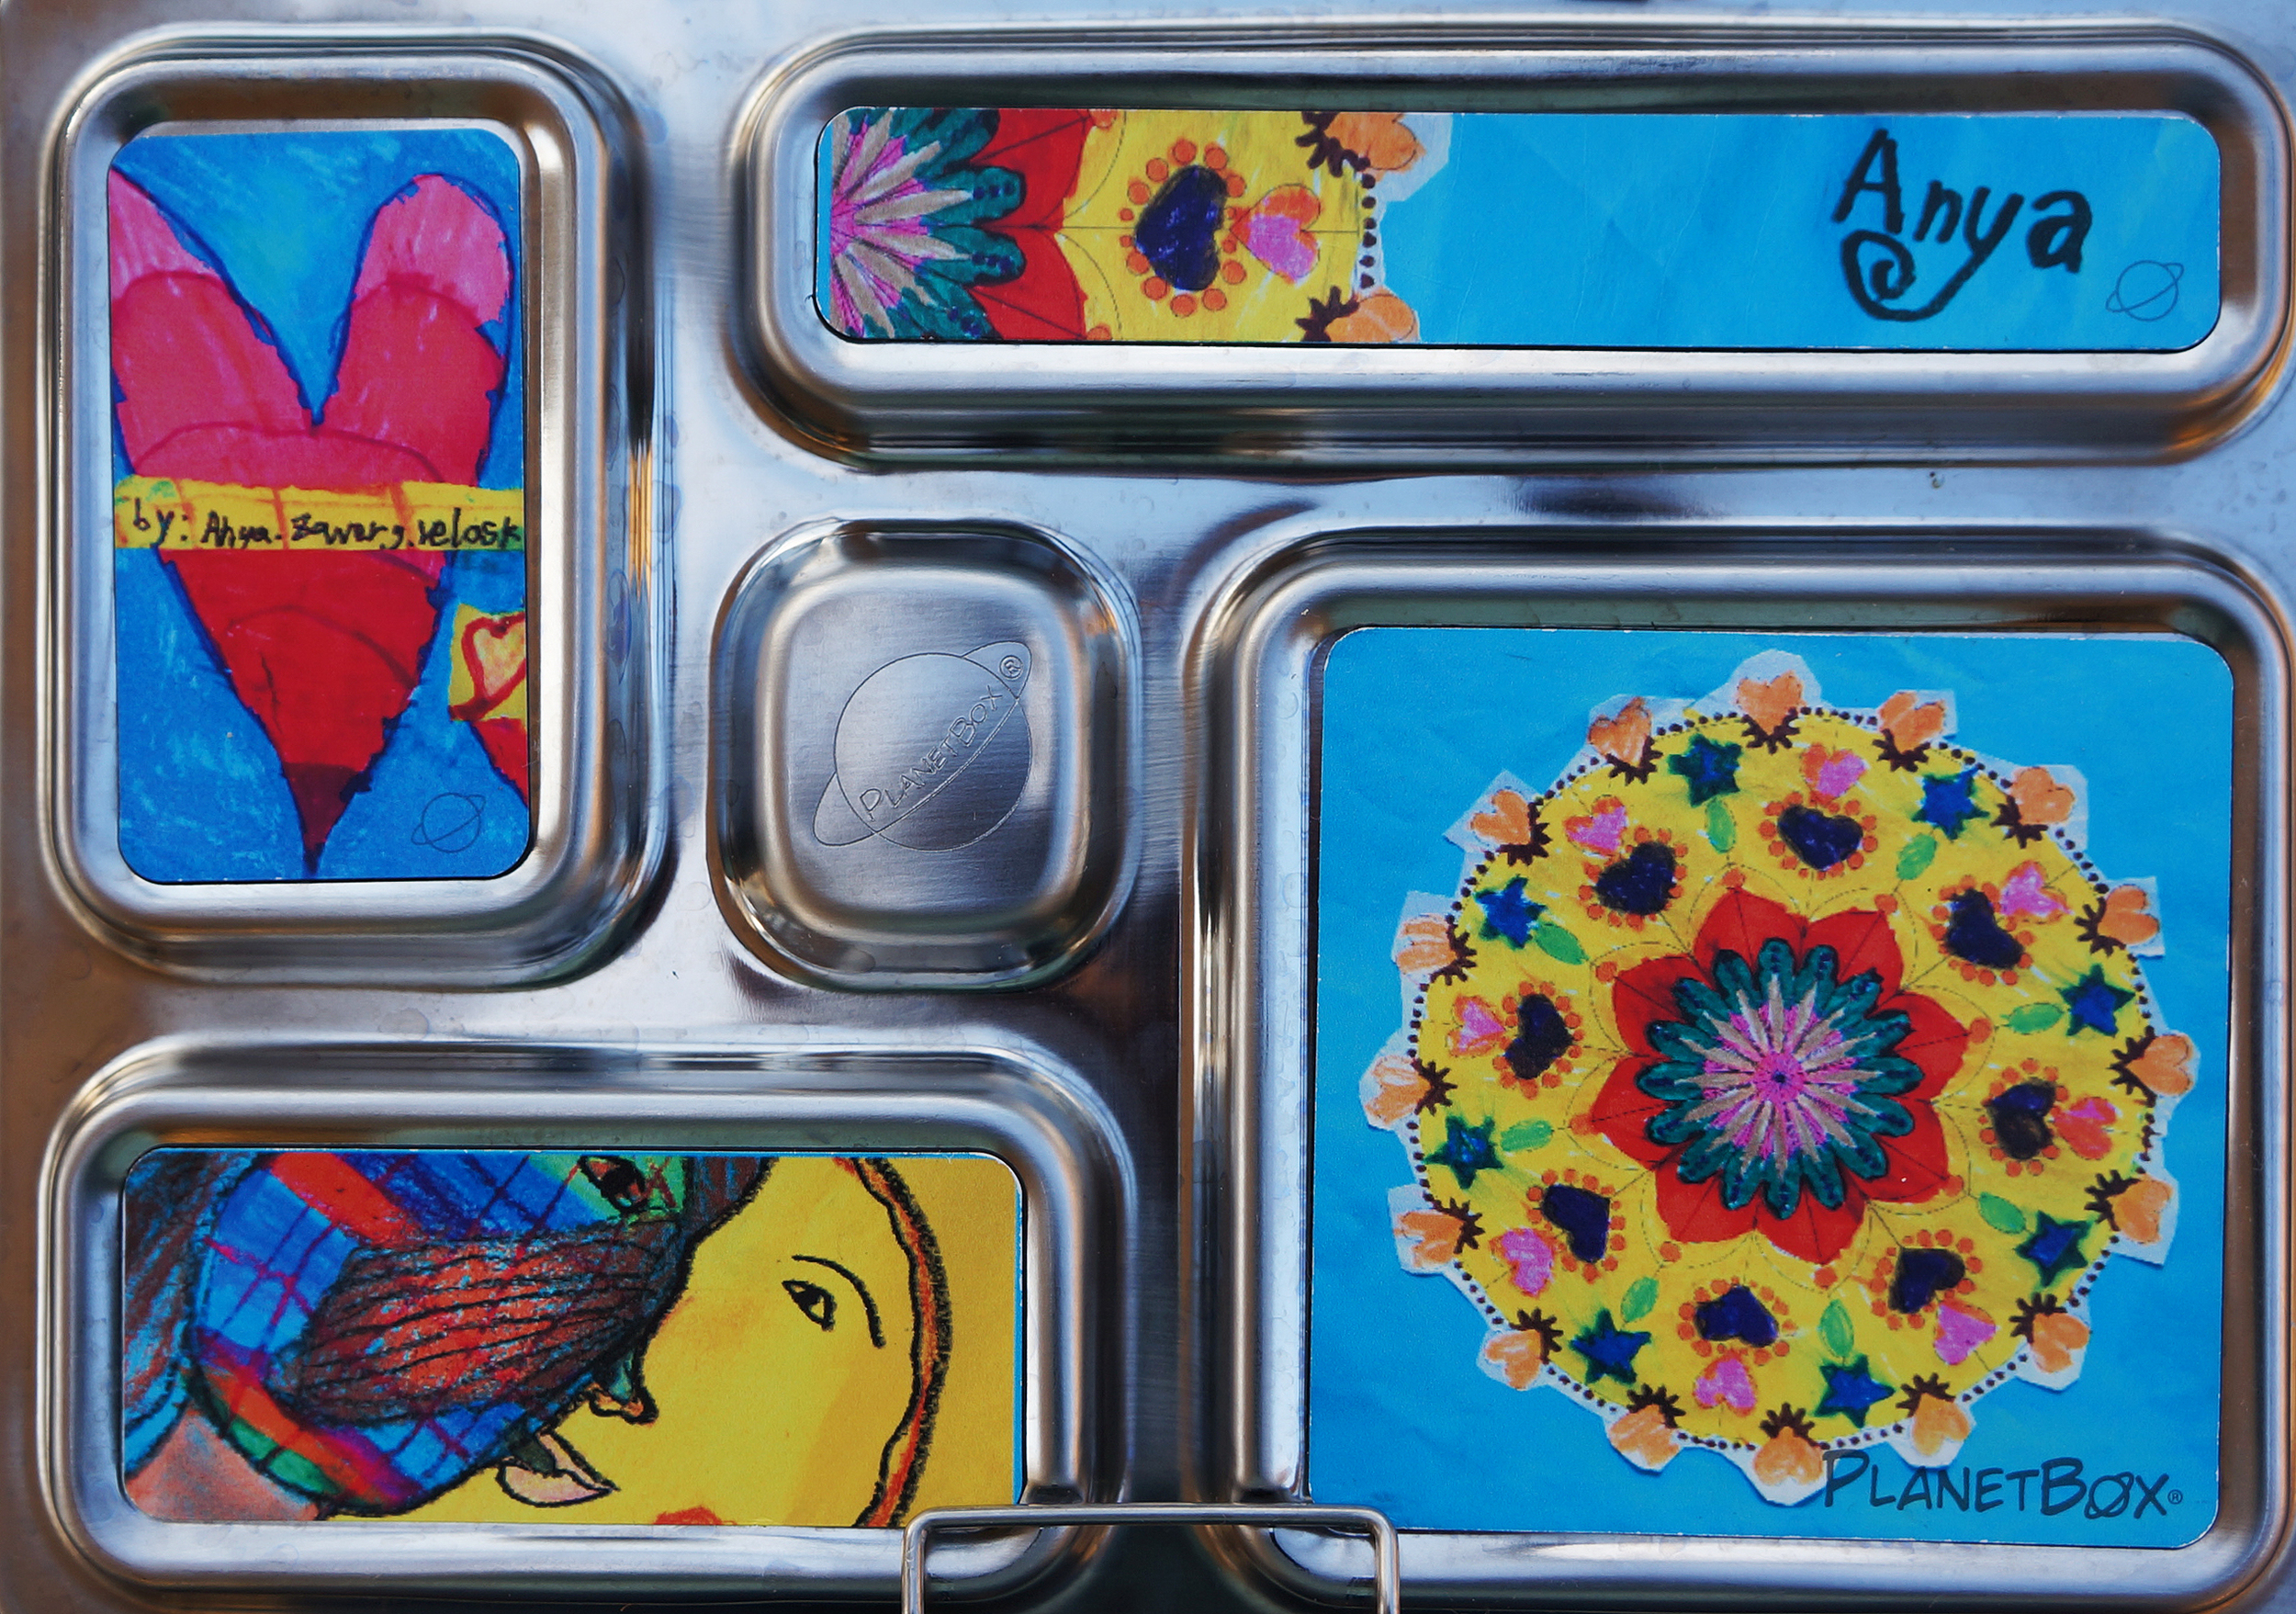 Imanes personalizados/ PlanetBox:  Arte de Anya